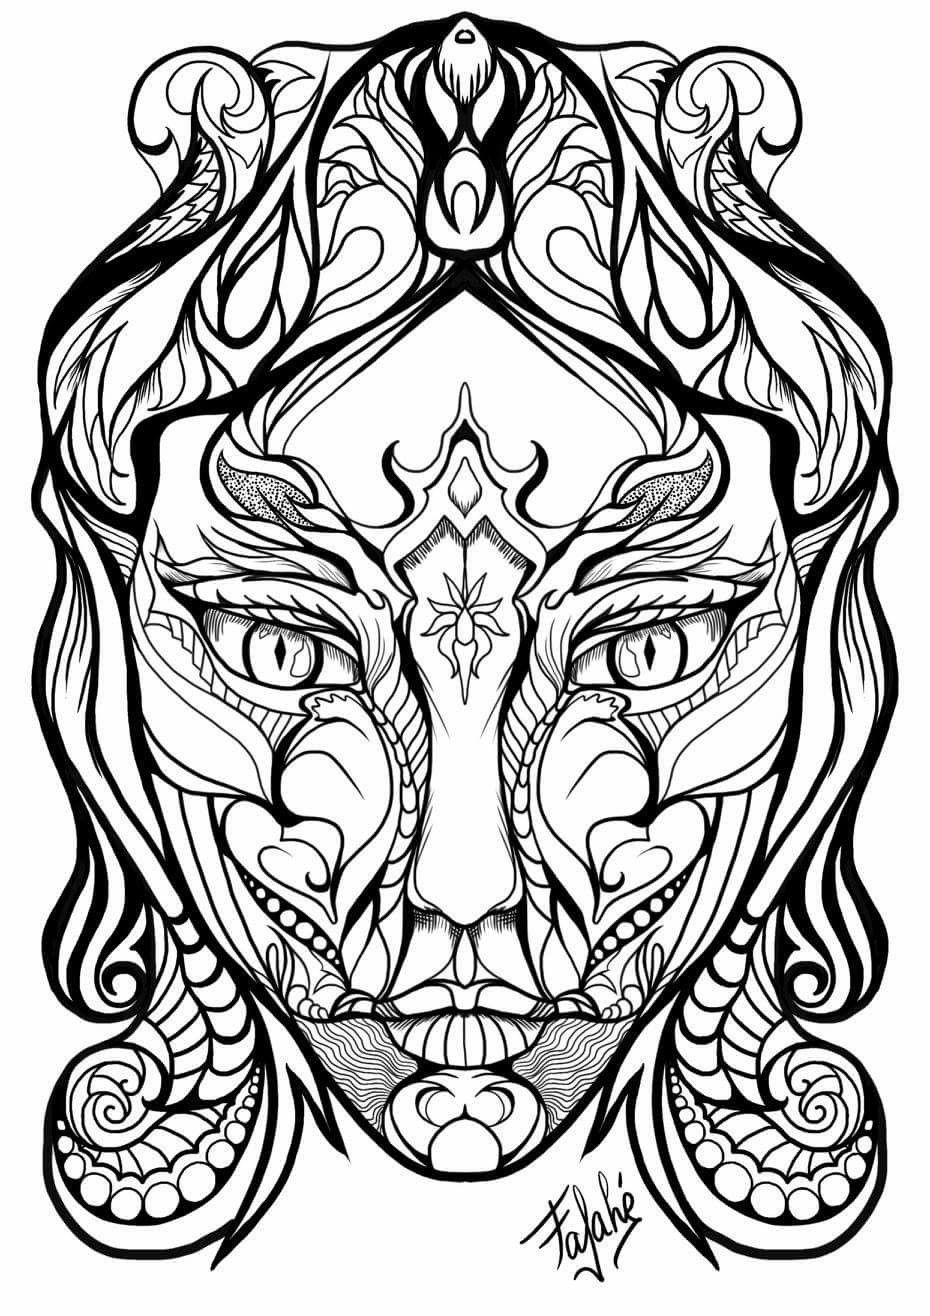 """Gruselige Monster Ausmalbilder Einzigartig Pin by Leila Fathii Art is ¢â""""¢¥ Pinterest Inspirierend Böse Galerie"""